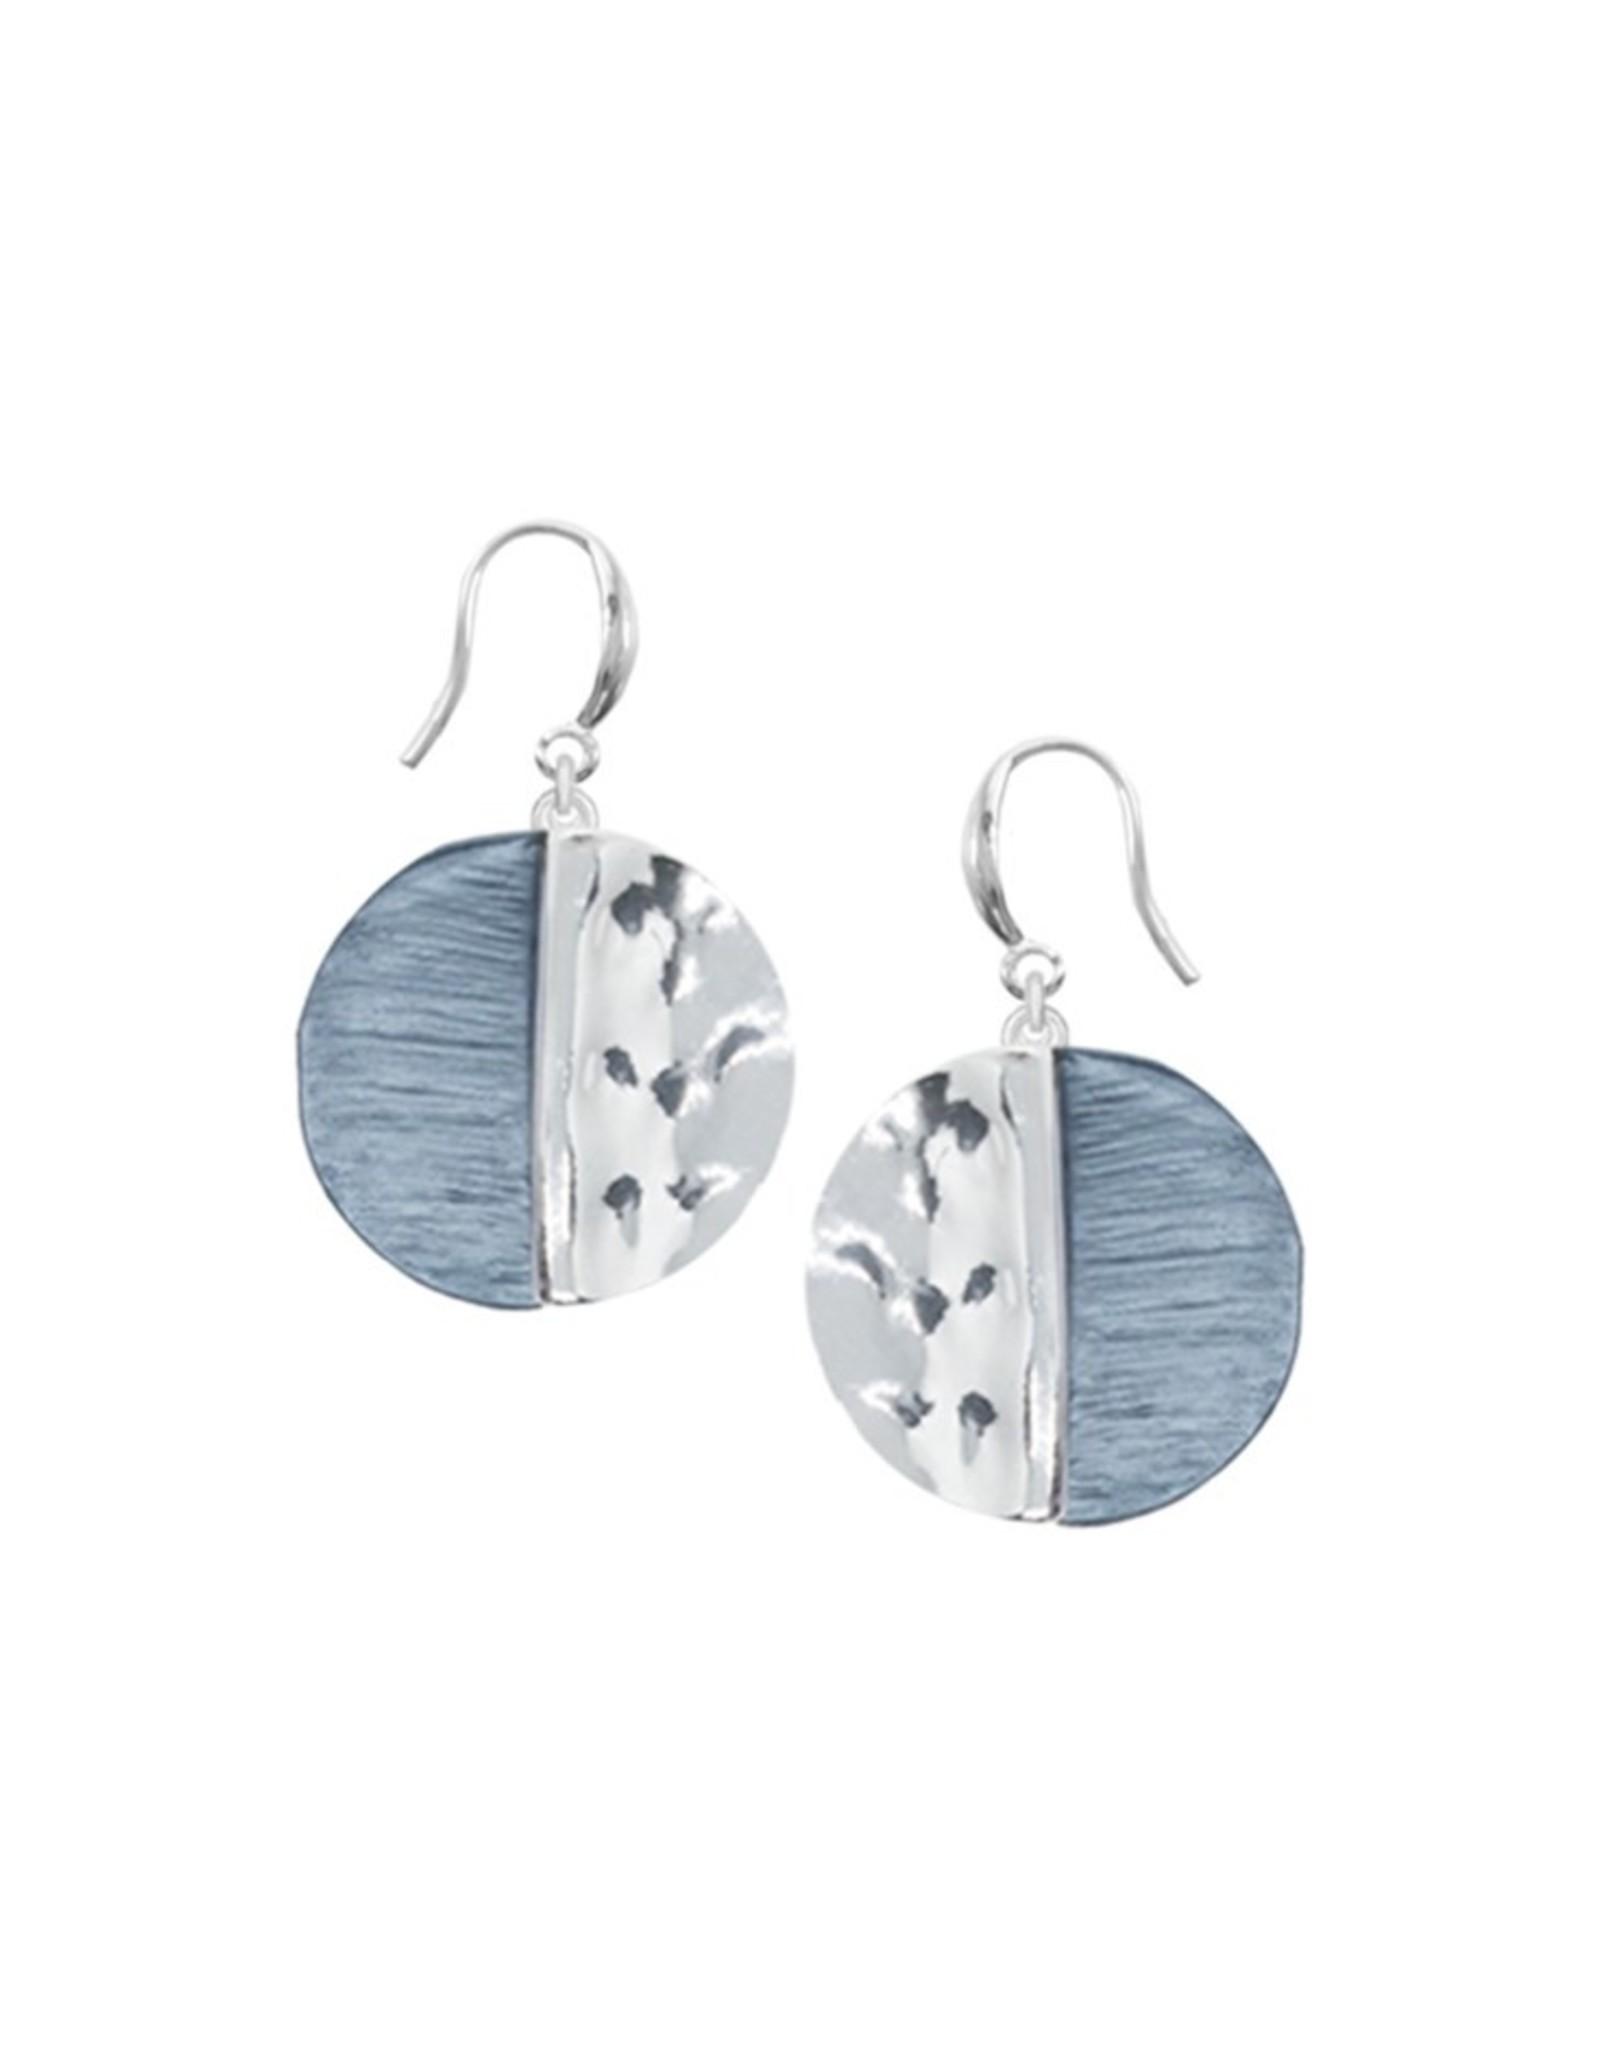 Boucles d'oreilles  rondes bleu et argent